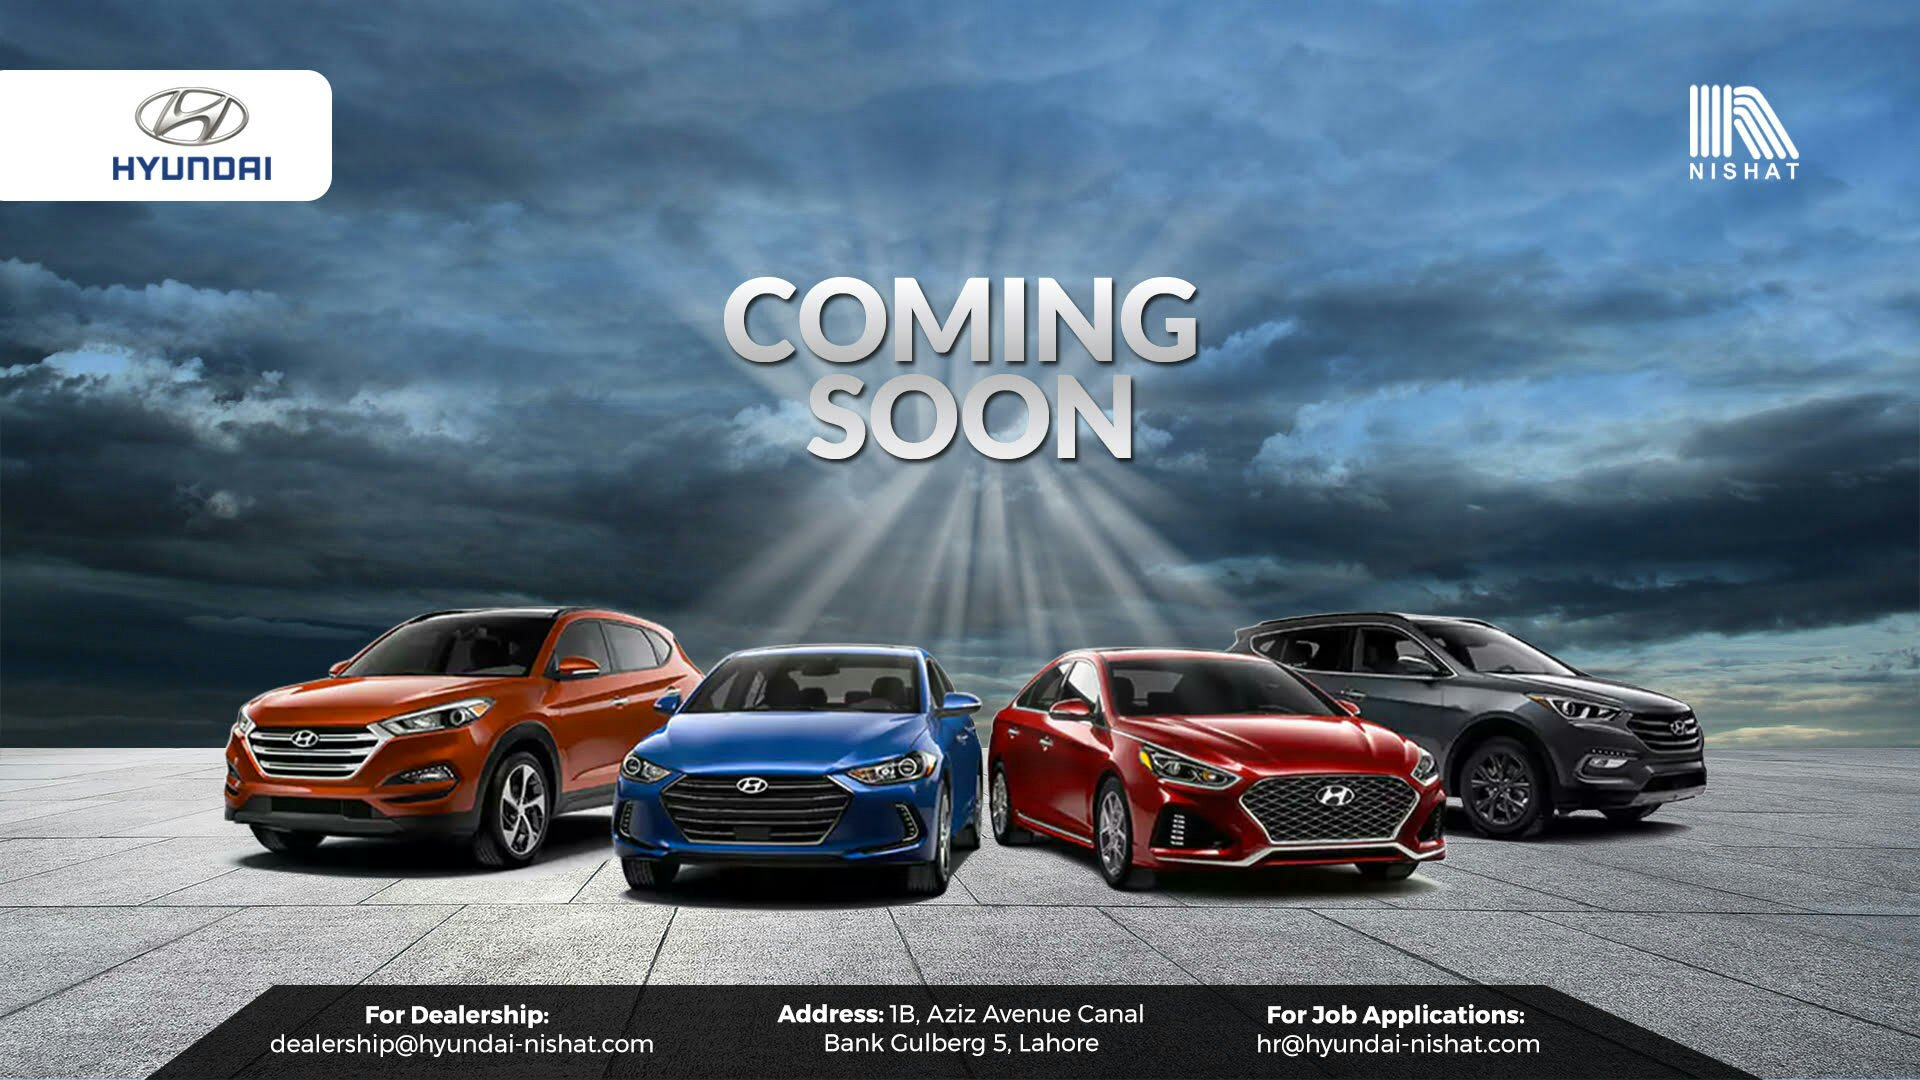 Hyundai-Nishat Website Hints a Range of Upcoming Vehicles 2